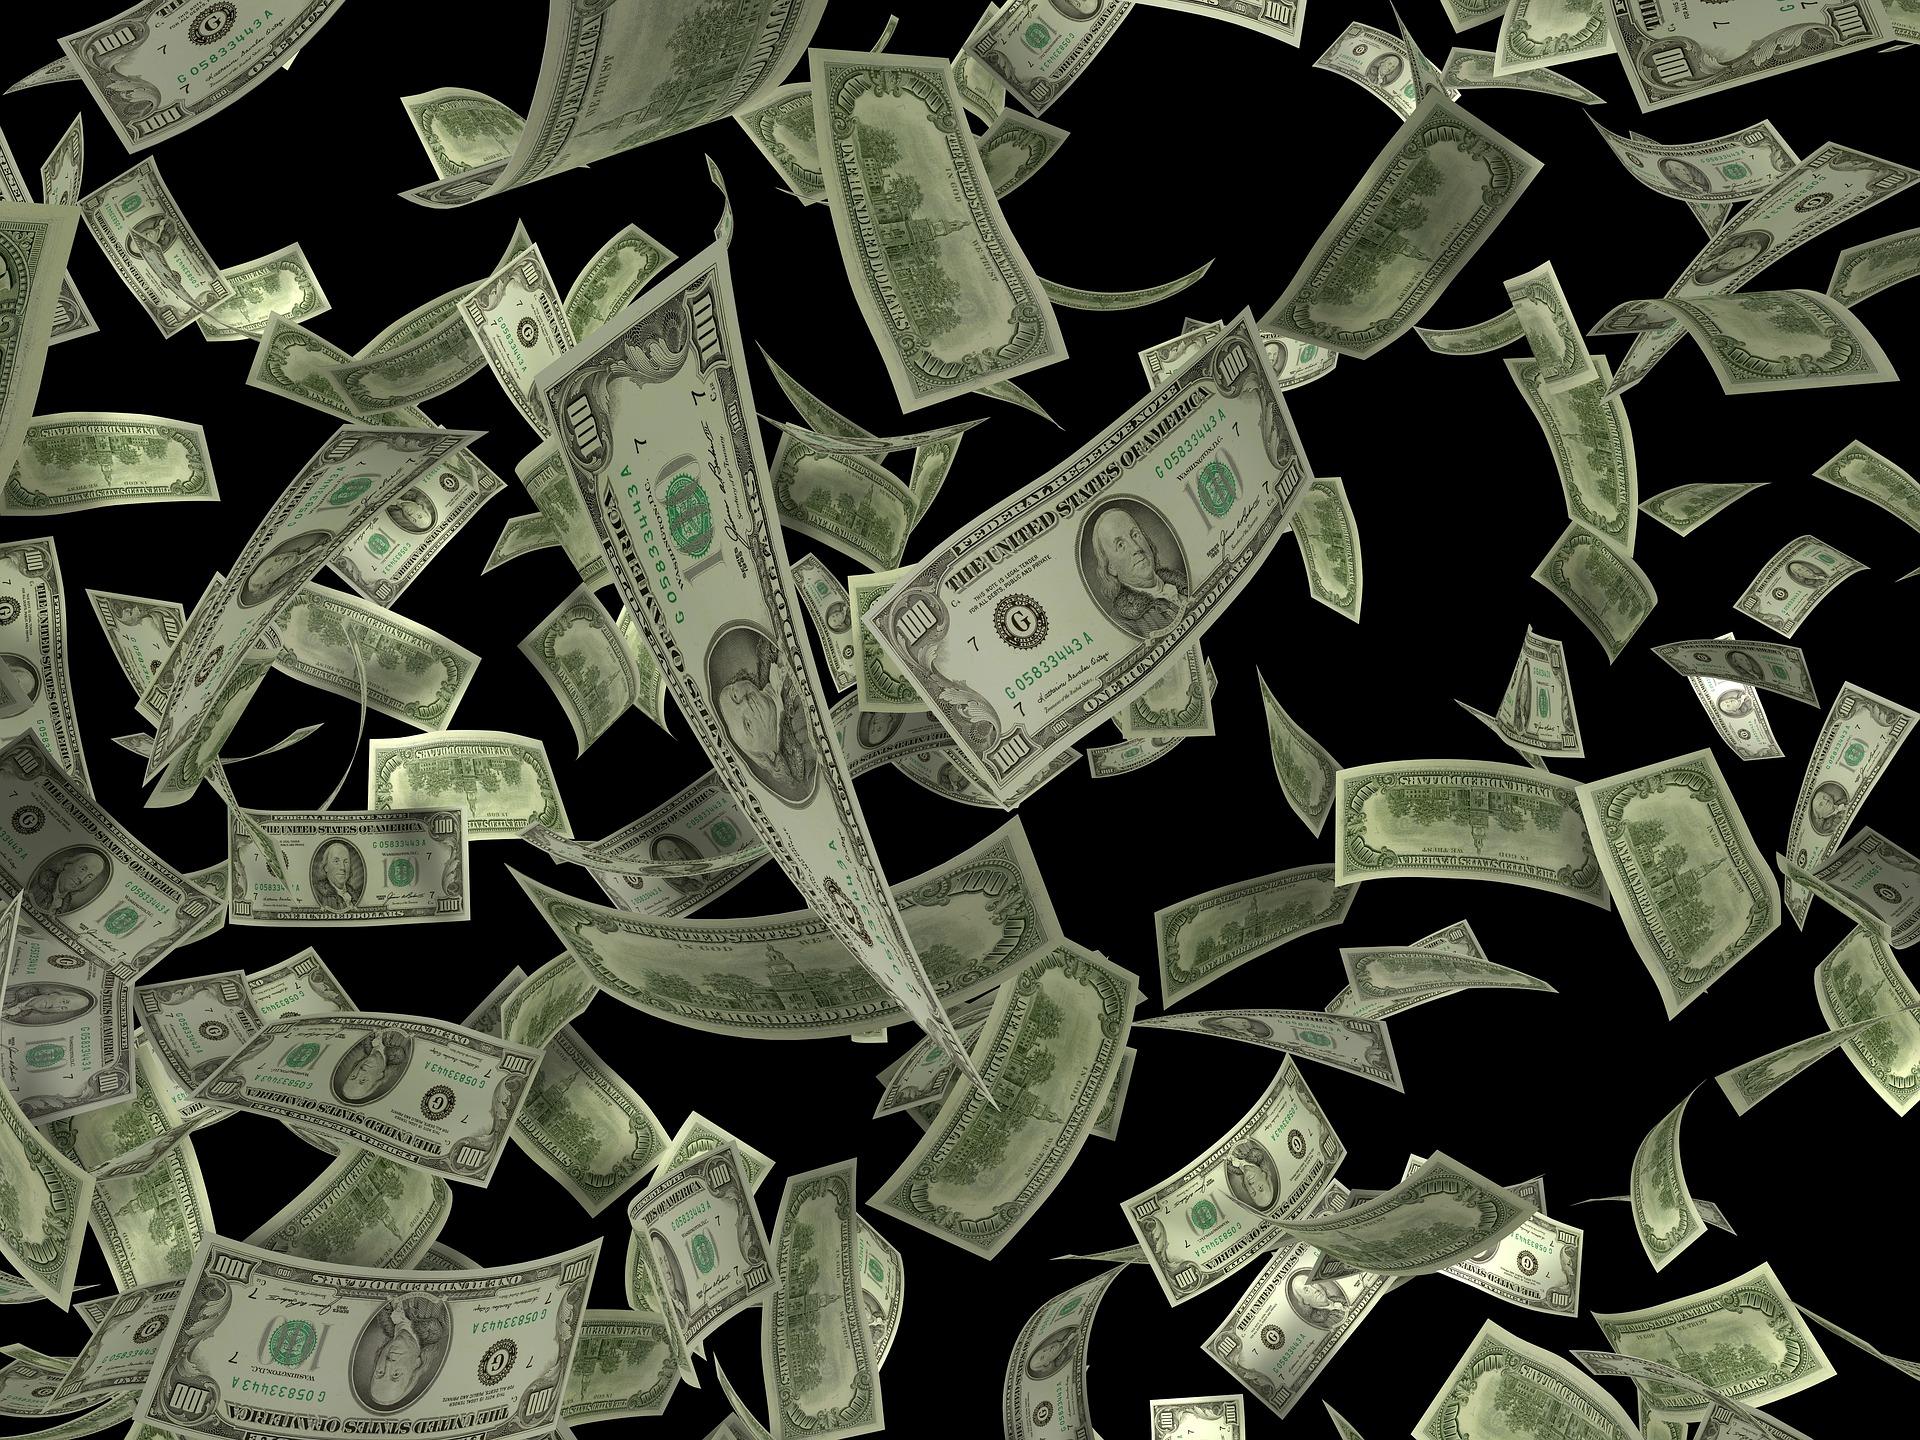 Es regnet Hundertdollar-Noten